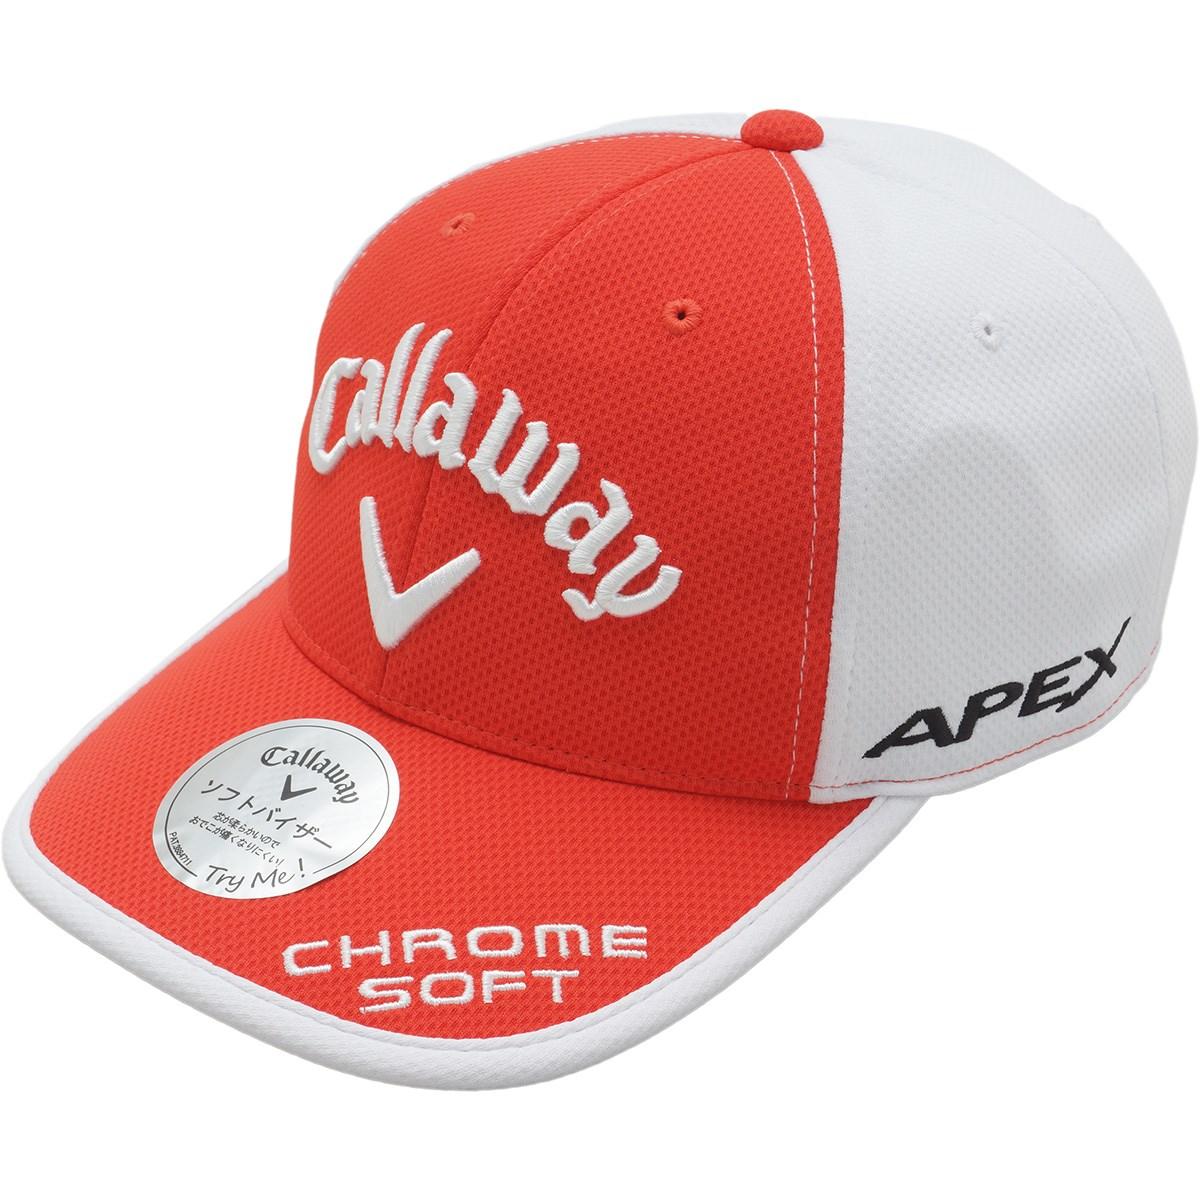 キャロウェイゴルフ(Callaway Golf) UVツアーキャップ JM